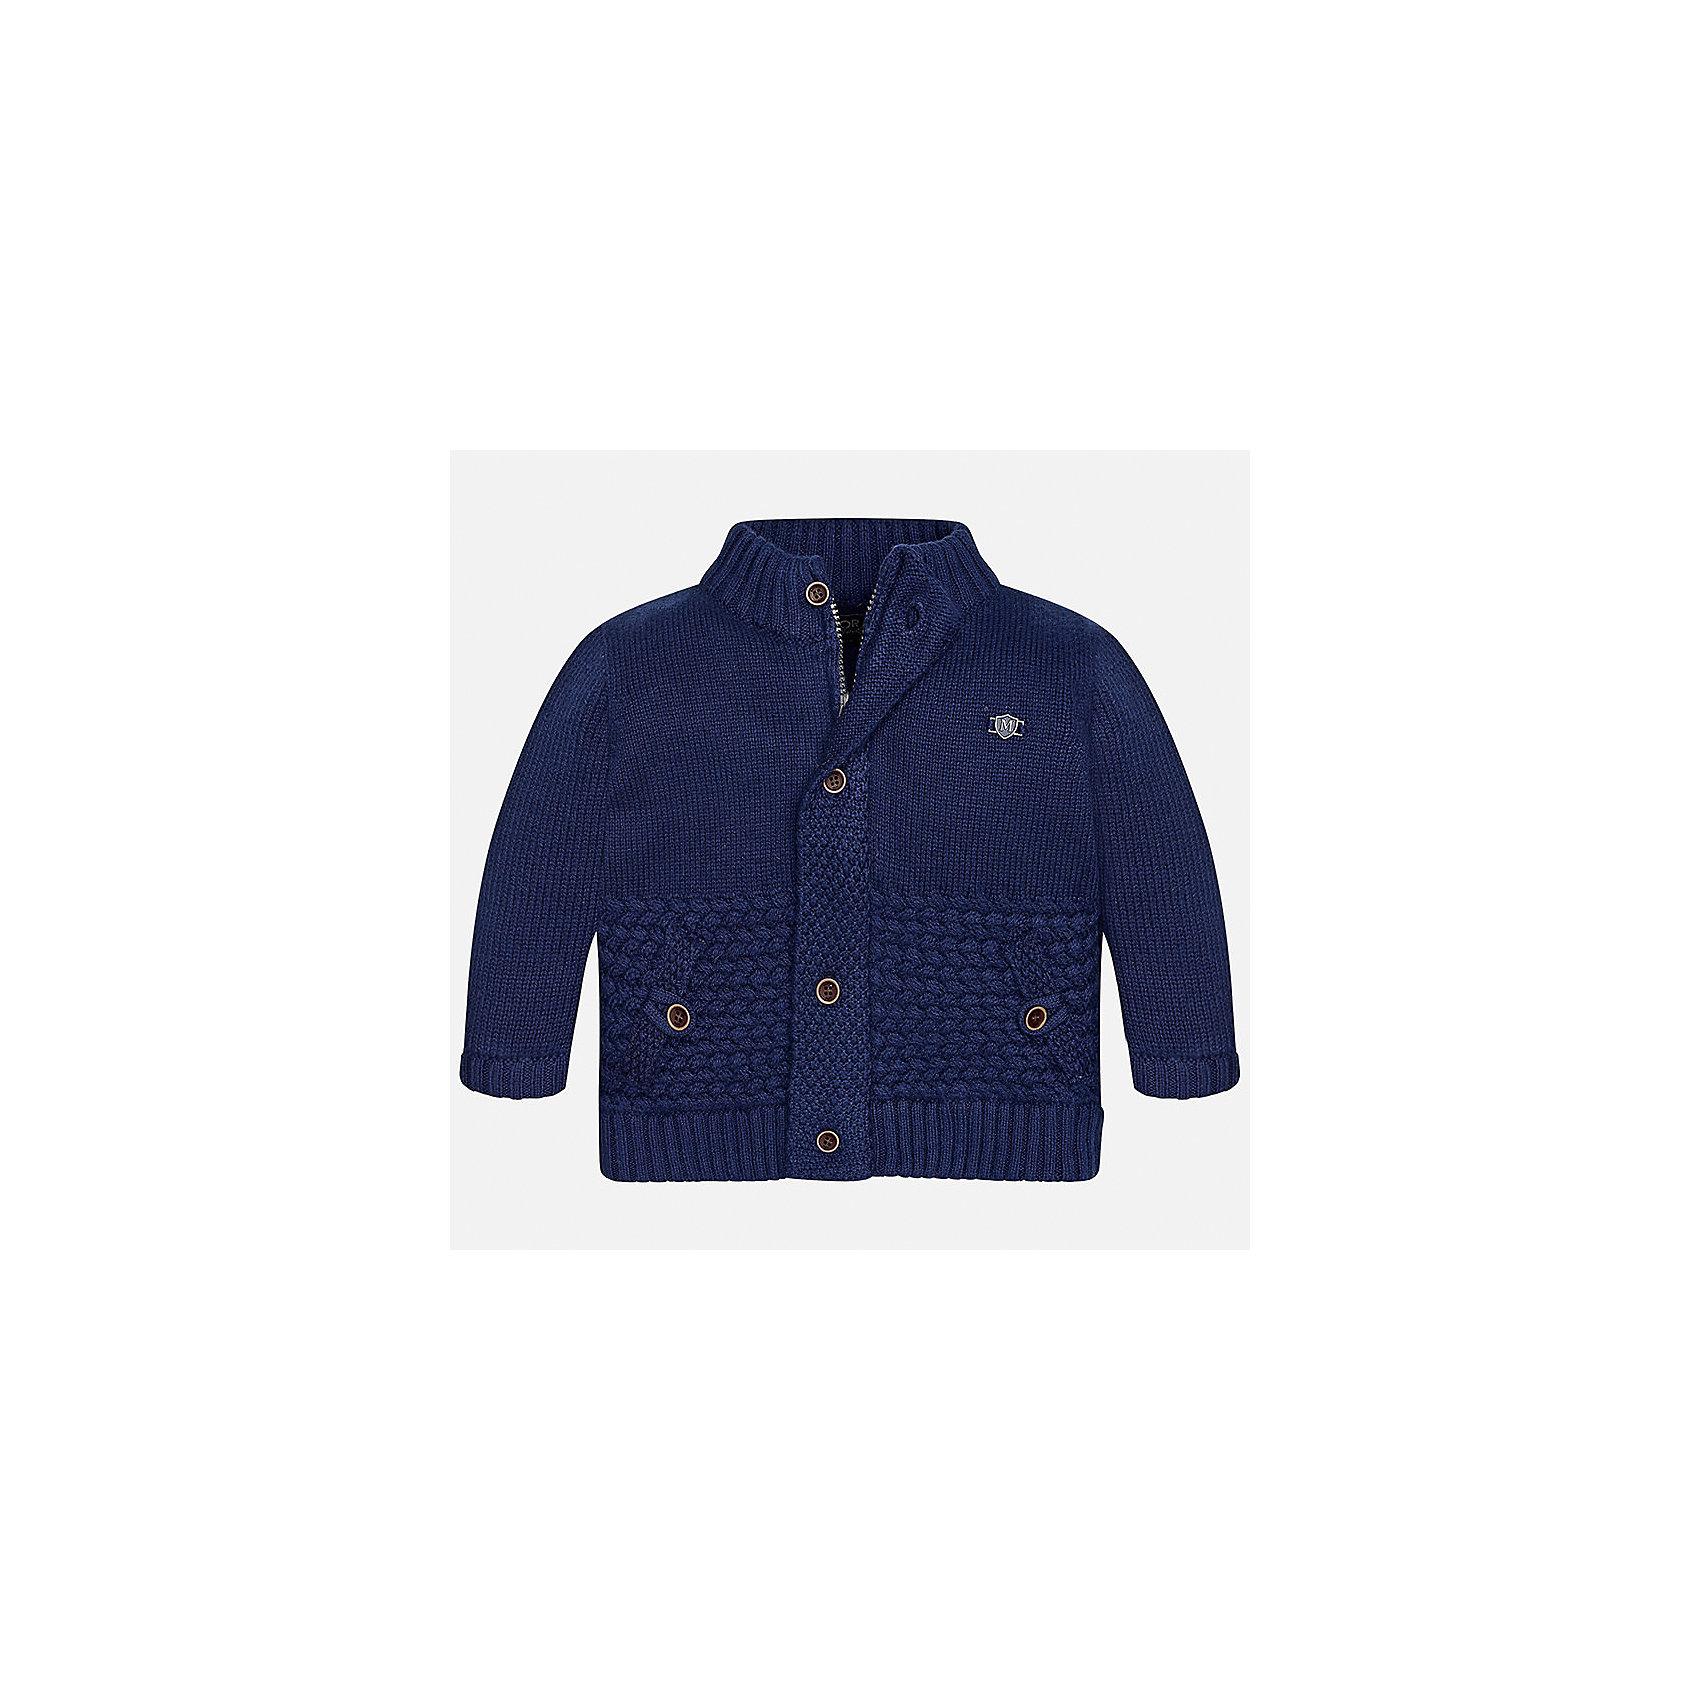 Кардиган Mayoral для мальчикаТолстовки, свитера, кардиганы<br>Характеристики товара:<br><br>• цвет: синий<br>• состав ткани: 50% акрил, 45% полиамид, 5% шерсть<br>• сезон: демисезон<br>• особенности модели: вязаный<br>• застежка: пуговицы<br>• длинные рукава<br>• страна бренда: Испания<br>• страна изготовитель: Индия<br><br>Модный кардиган для мальчика от Майорал поможет обеспечить ребенку комфорт и тепло. Детский кардиган с капюшоном отличается модным и продуманным дизайном. В кардигане для мальчика от испанской компании Майорал ребенок будет выглядеть модно, а чувствовать себя - комфортно. <br><br>Кардиган для мальчика Mayoral (Майорал) можно купить в нашем интернет-магазине.<br><br>Ширина мм: 190<br>Глубина мм: 74<br>Высота мм: 229<br>Вес г: 236<br>Цвет: синий<br>Возраст от месяцев: 6<br>Возраст до месяцев: 9<br>Пол: Мужской<br>Возраст: Детский<br>Размер: 74,86,92,98,80<br>SKU: 6935129